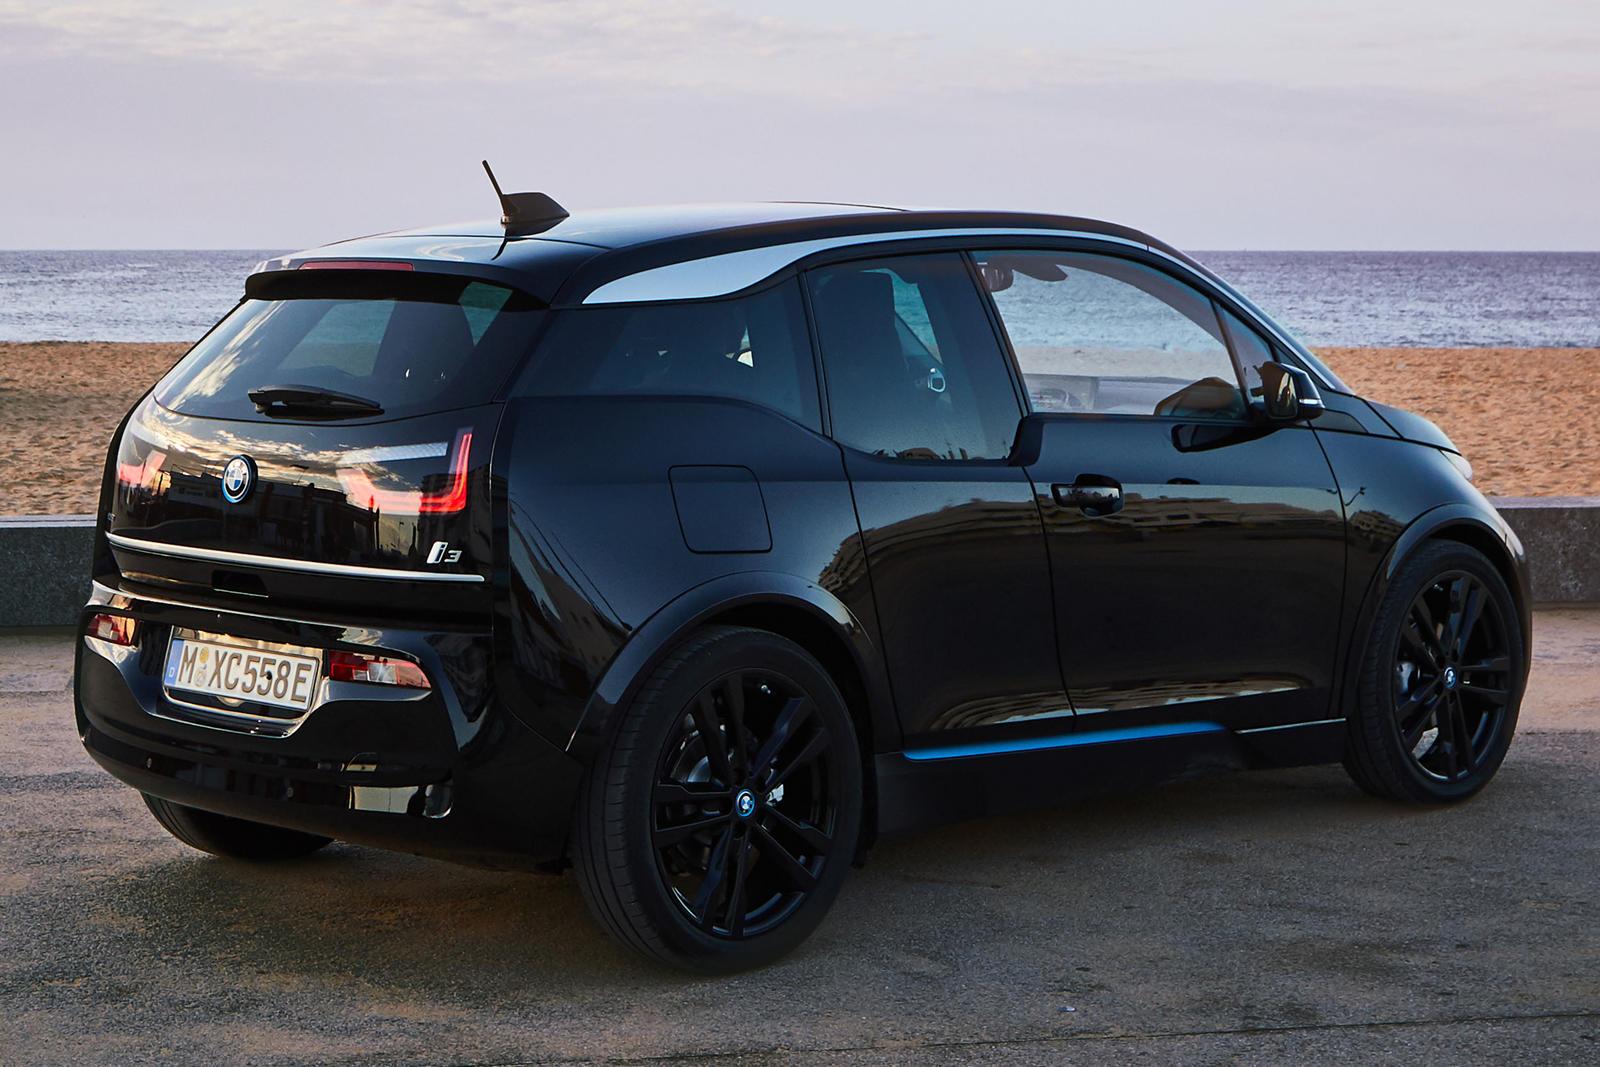 Представитель BMW в Северной Америке Том Плуцинский заявил Green Car Reports, что i3 REx останется в продаже «в обозримом будущем», назвав комментарии Фраймана скорее эзотерическими, чем конкретными.